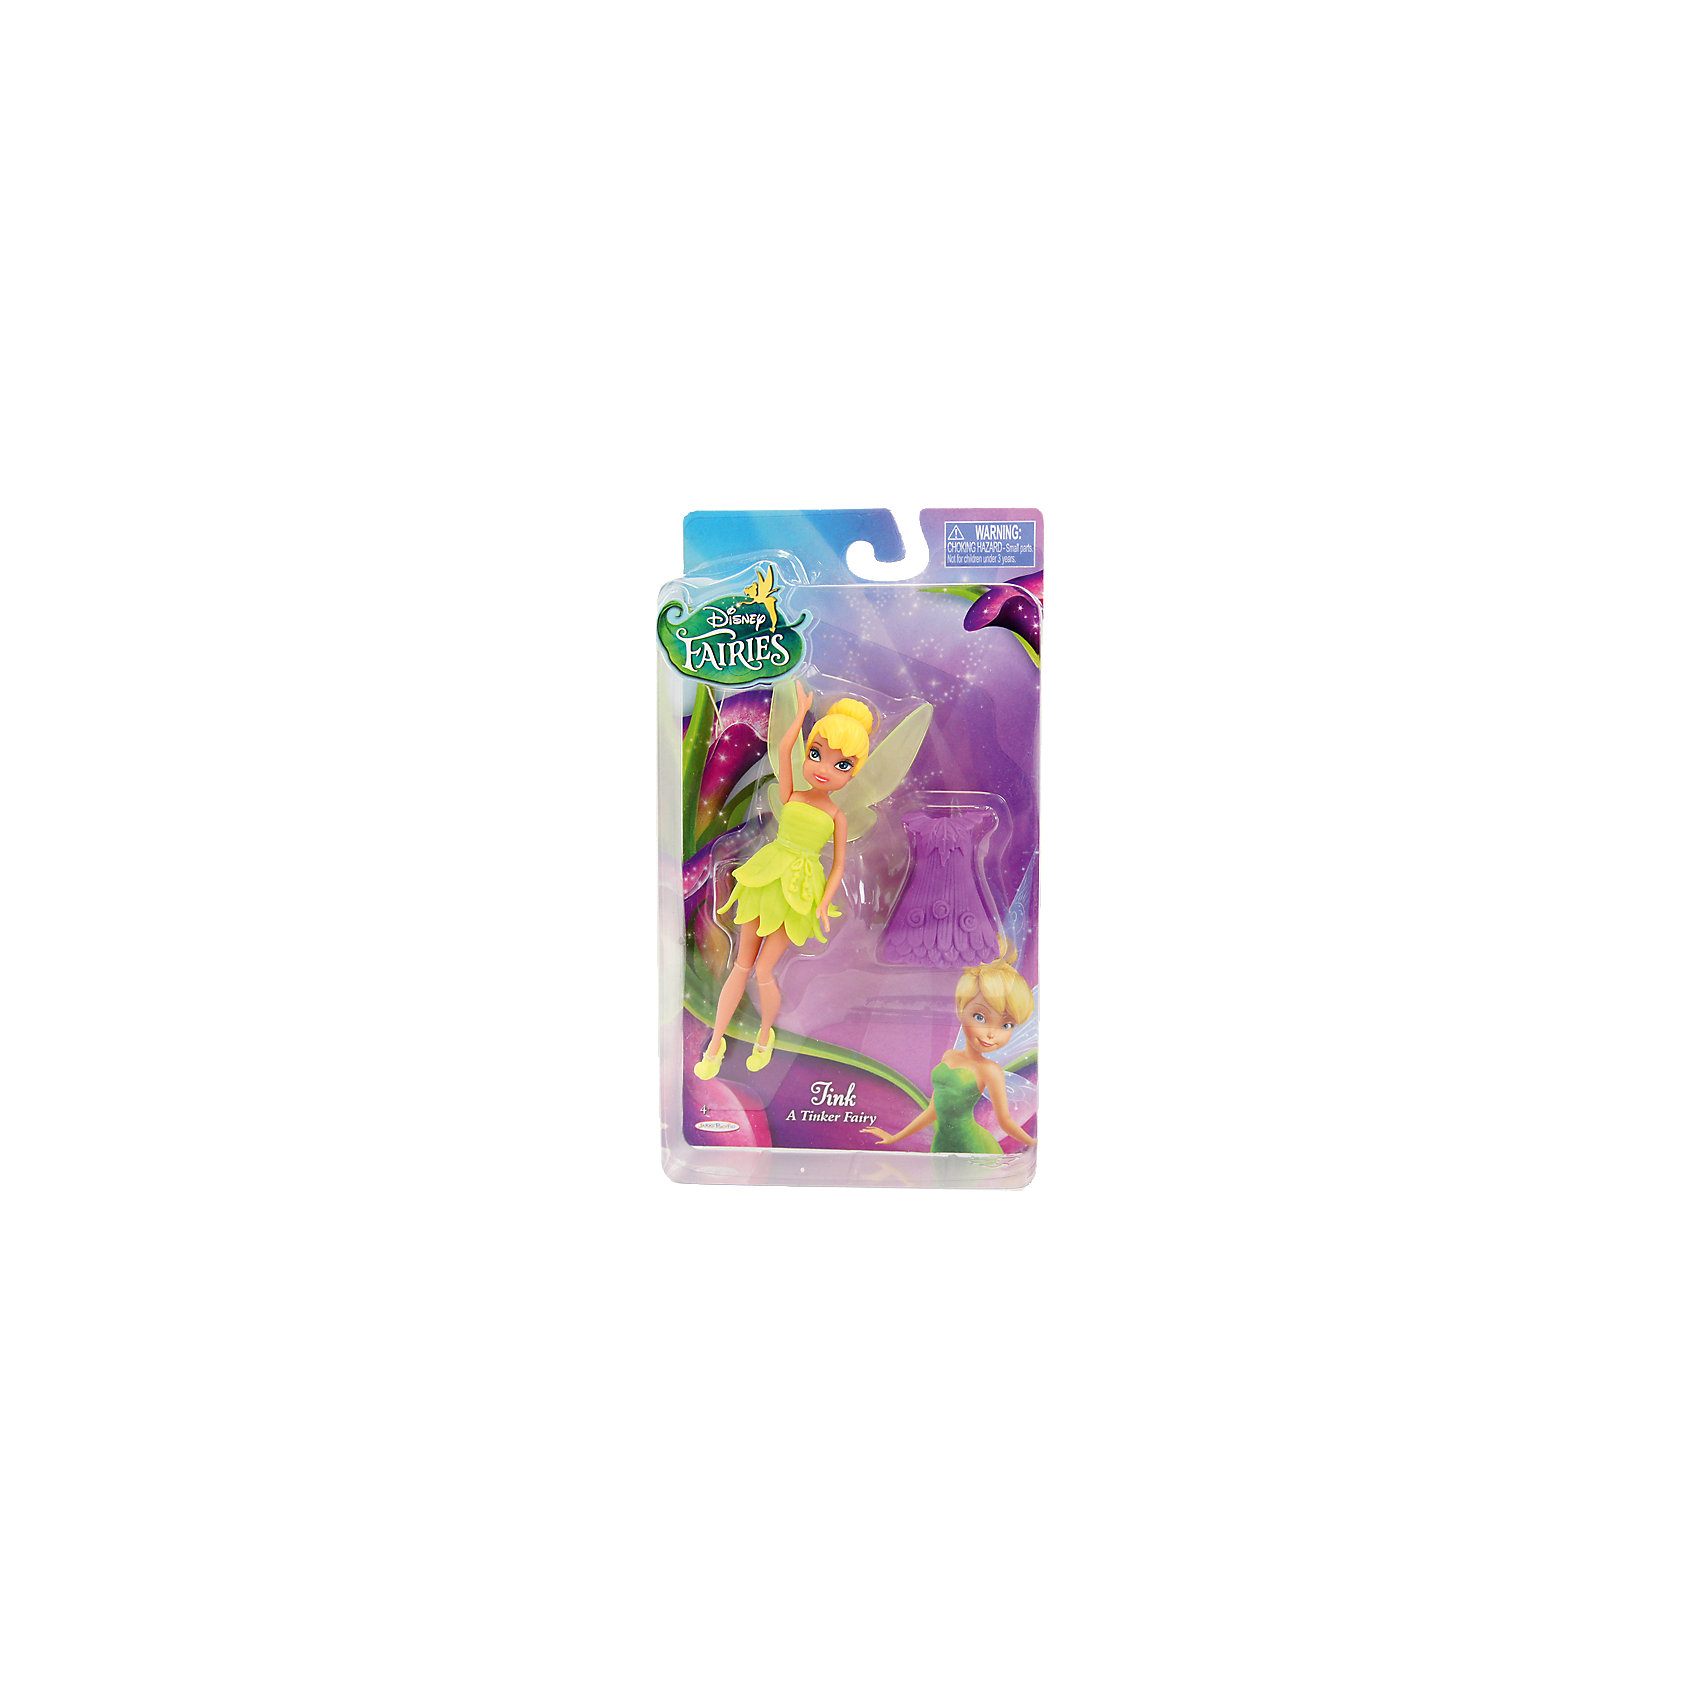 Disney Мини-кукла Фея с дополнительным  платьем, Феи Дисней disney fairies 688710 дисней фея 11 см набор из 6 кукол